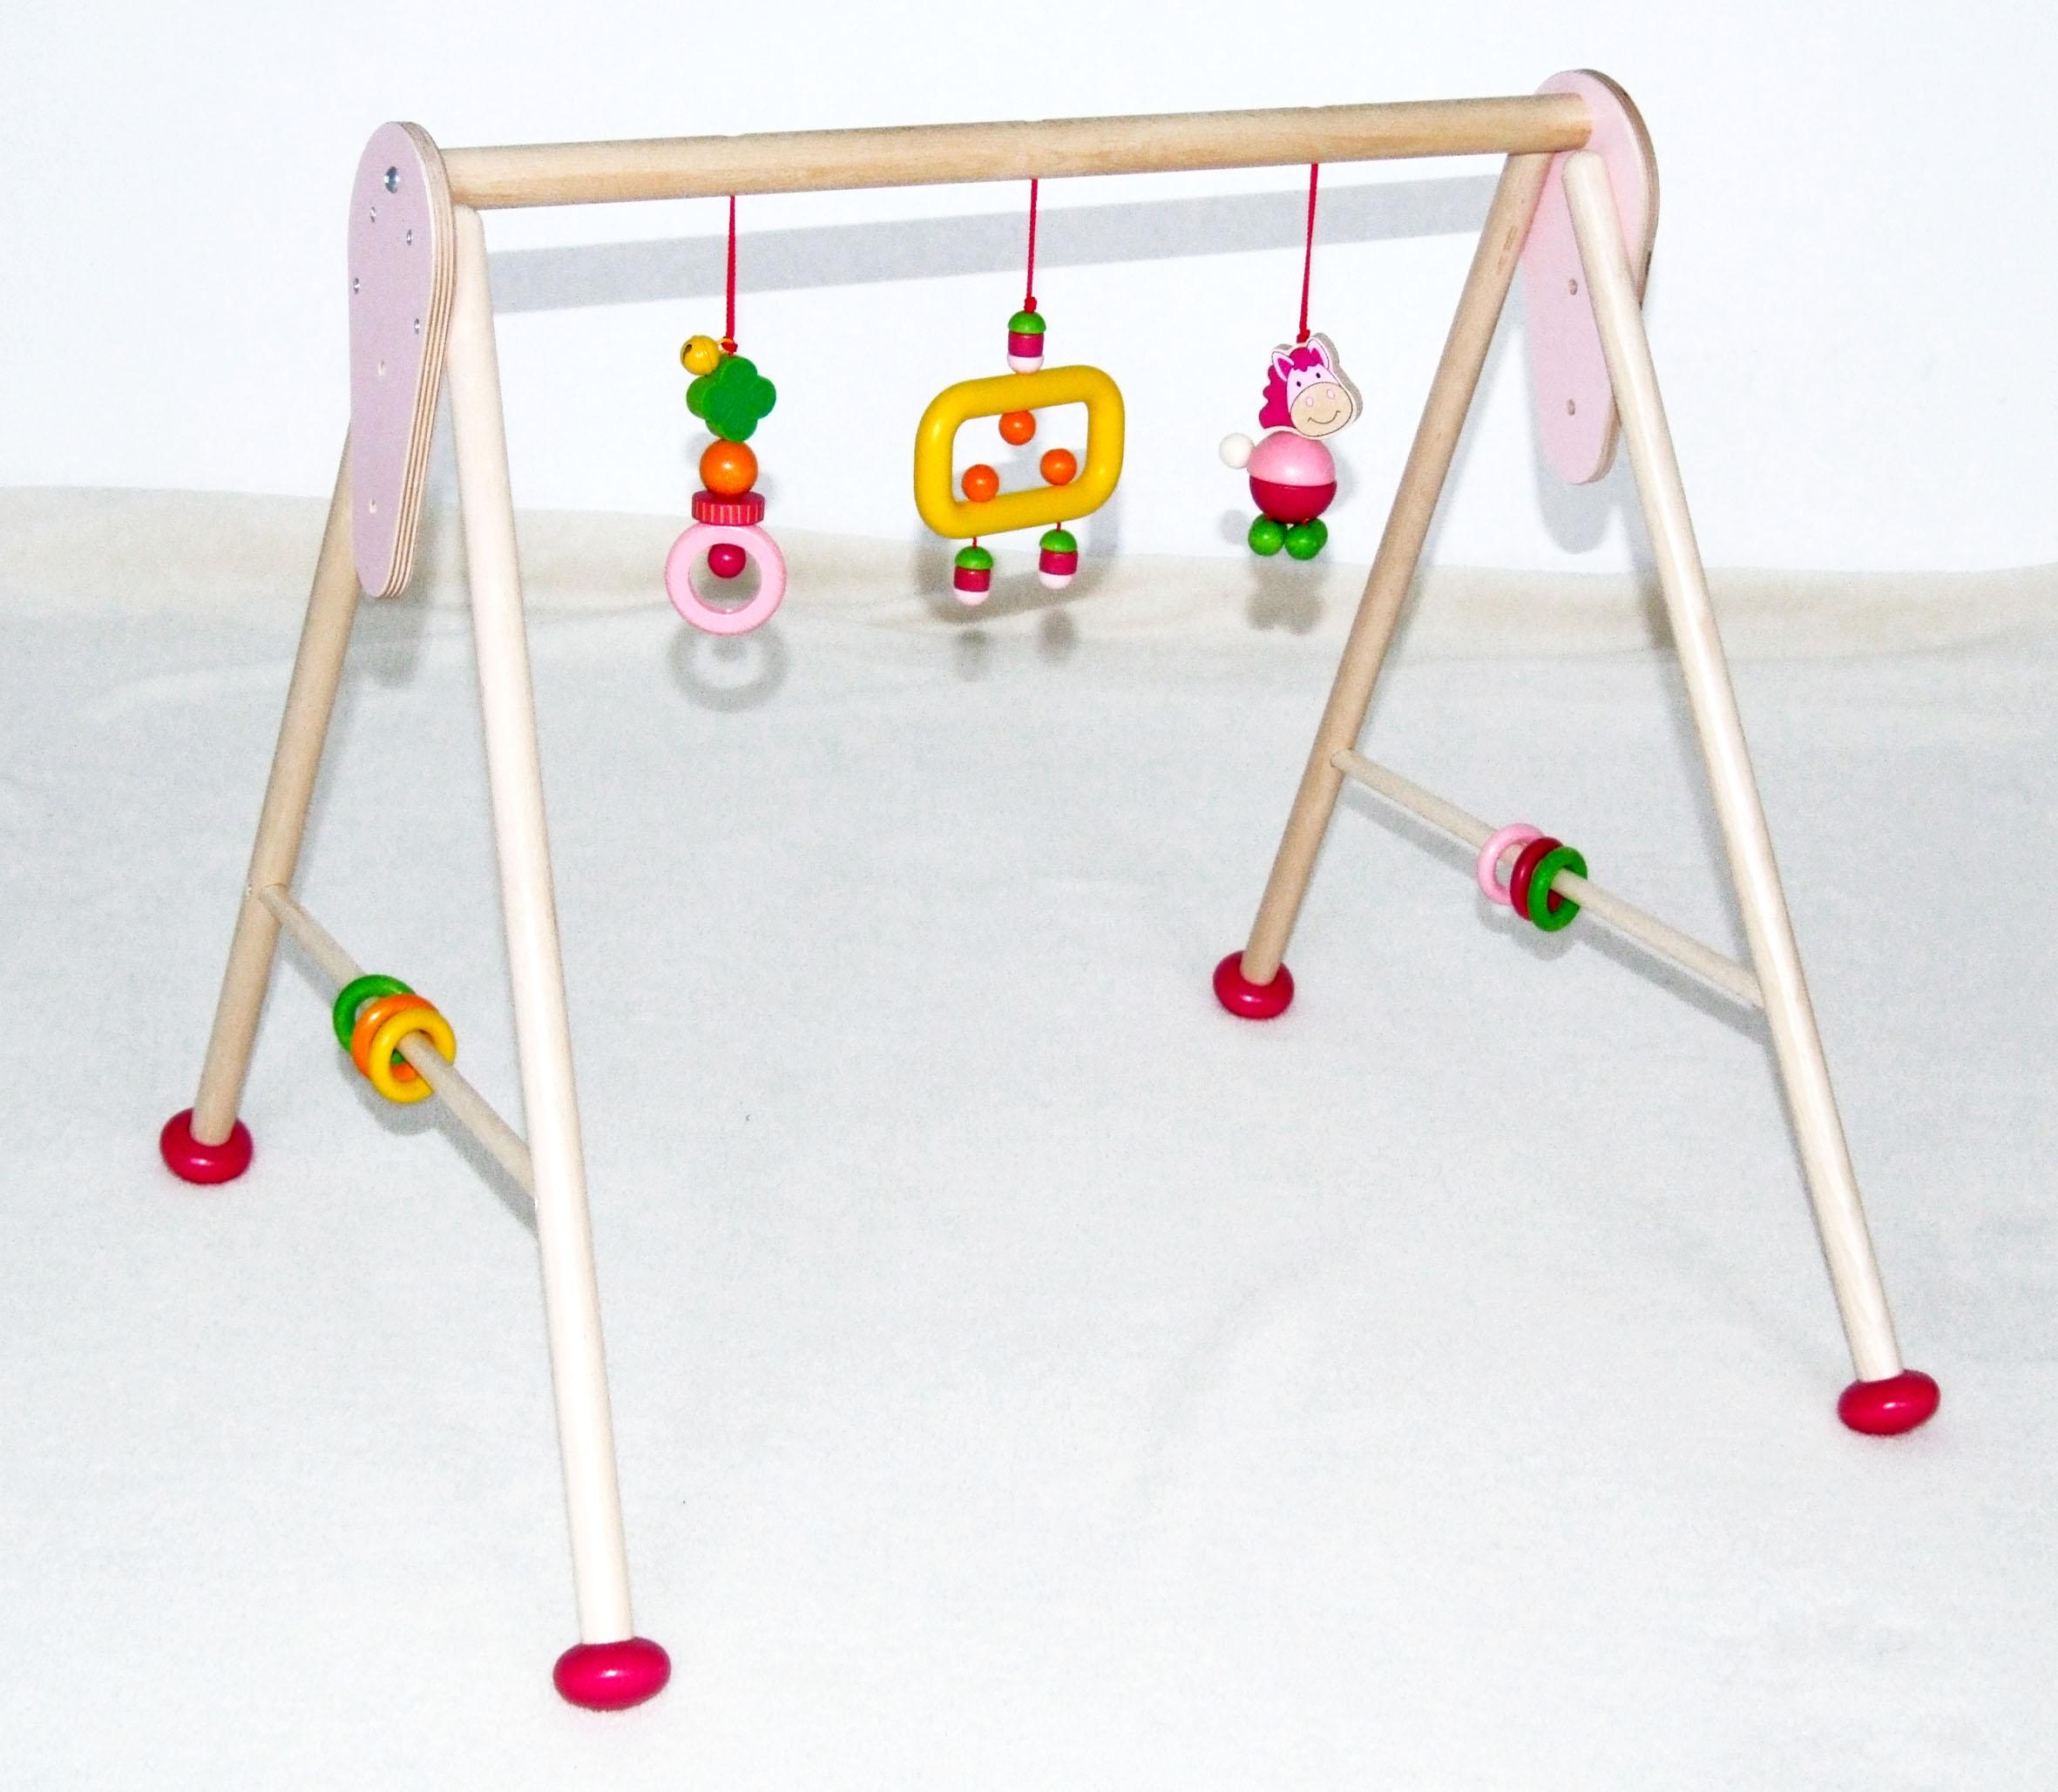 babyspielger t pferdchen holzspielzeug weitere spielwaren online shop reifra. Black Bedroom Furniture Sets. Home Design Ideas